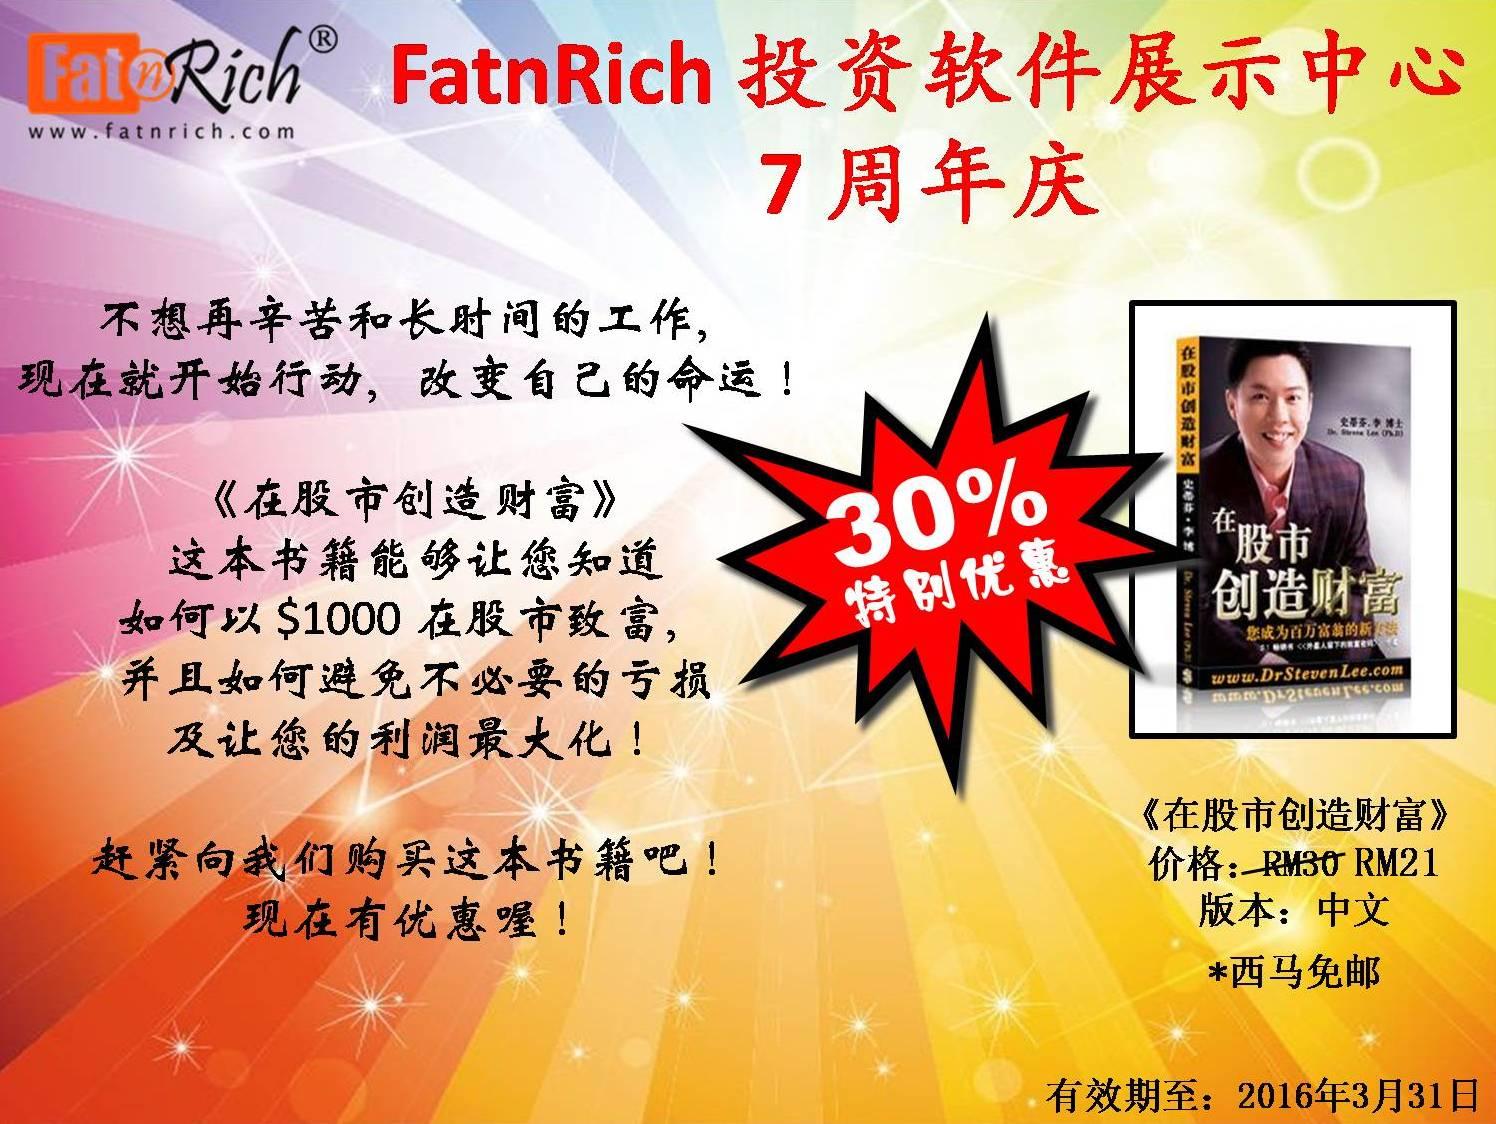 《在股市创造财富》FatnRich 周年庆